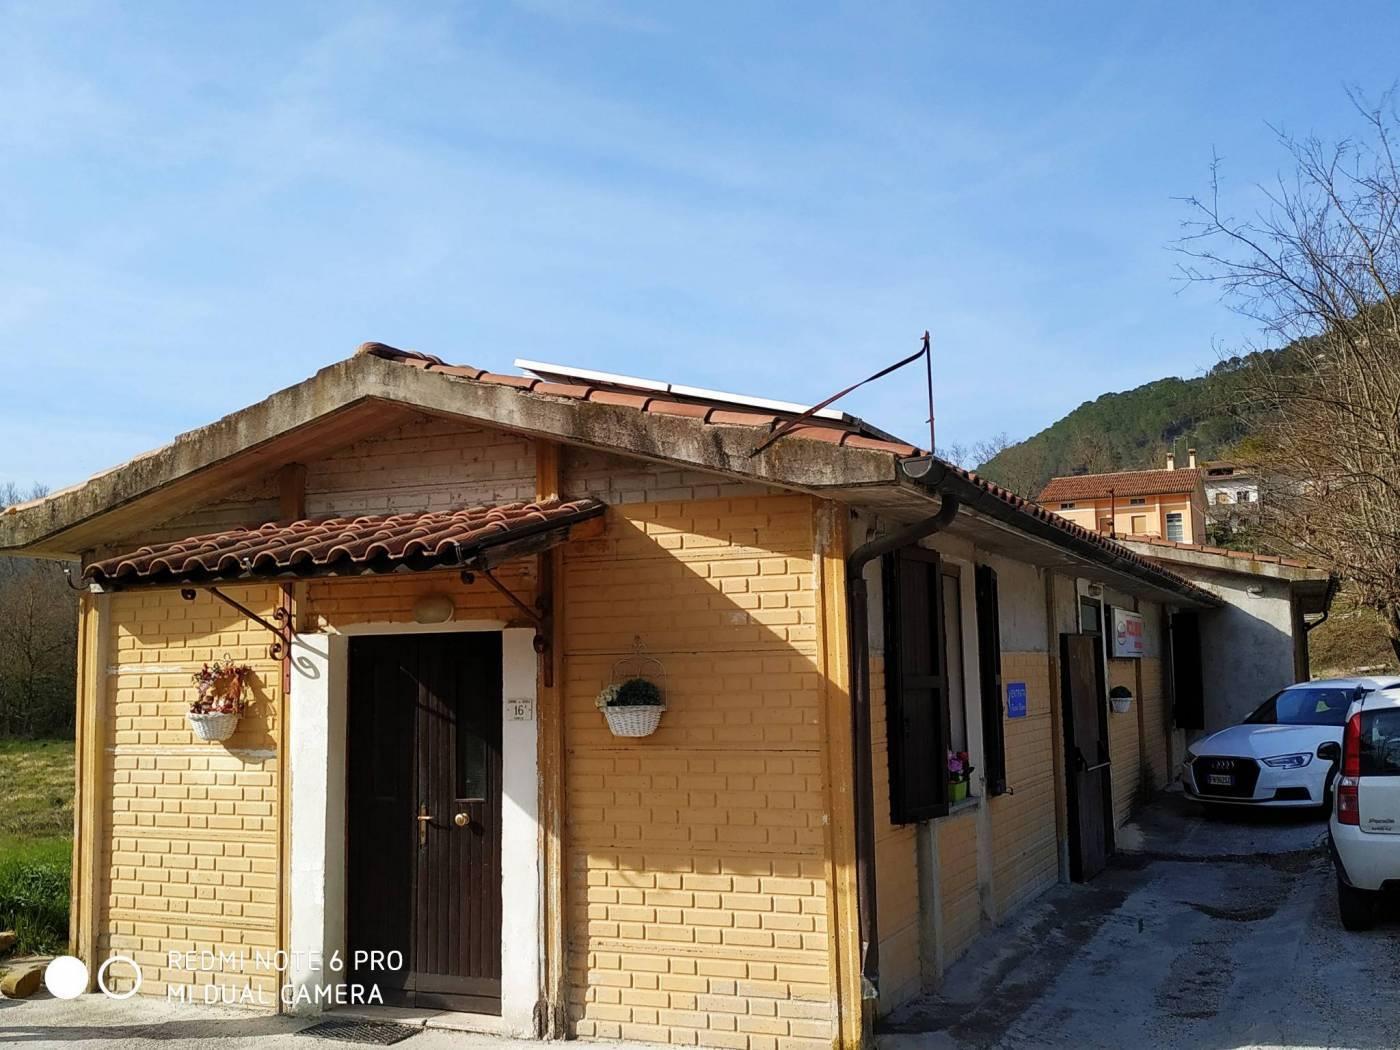 Azienda agrituristica in vendita a Genga (AN)